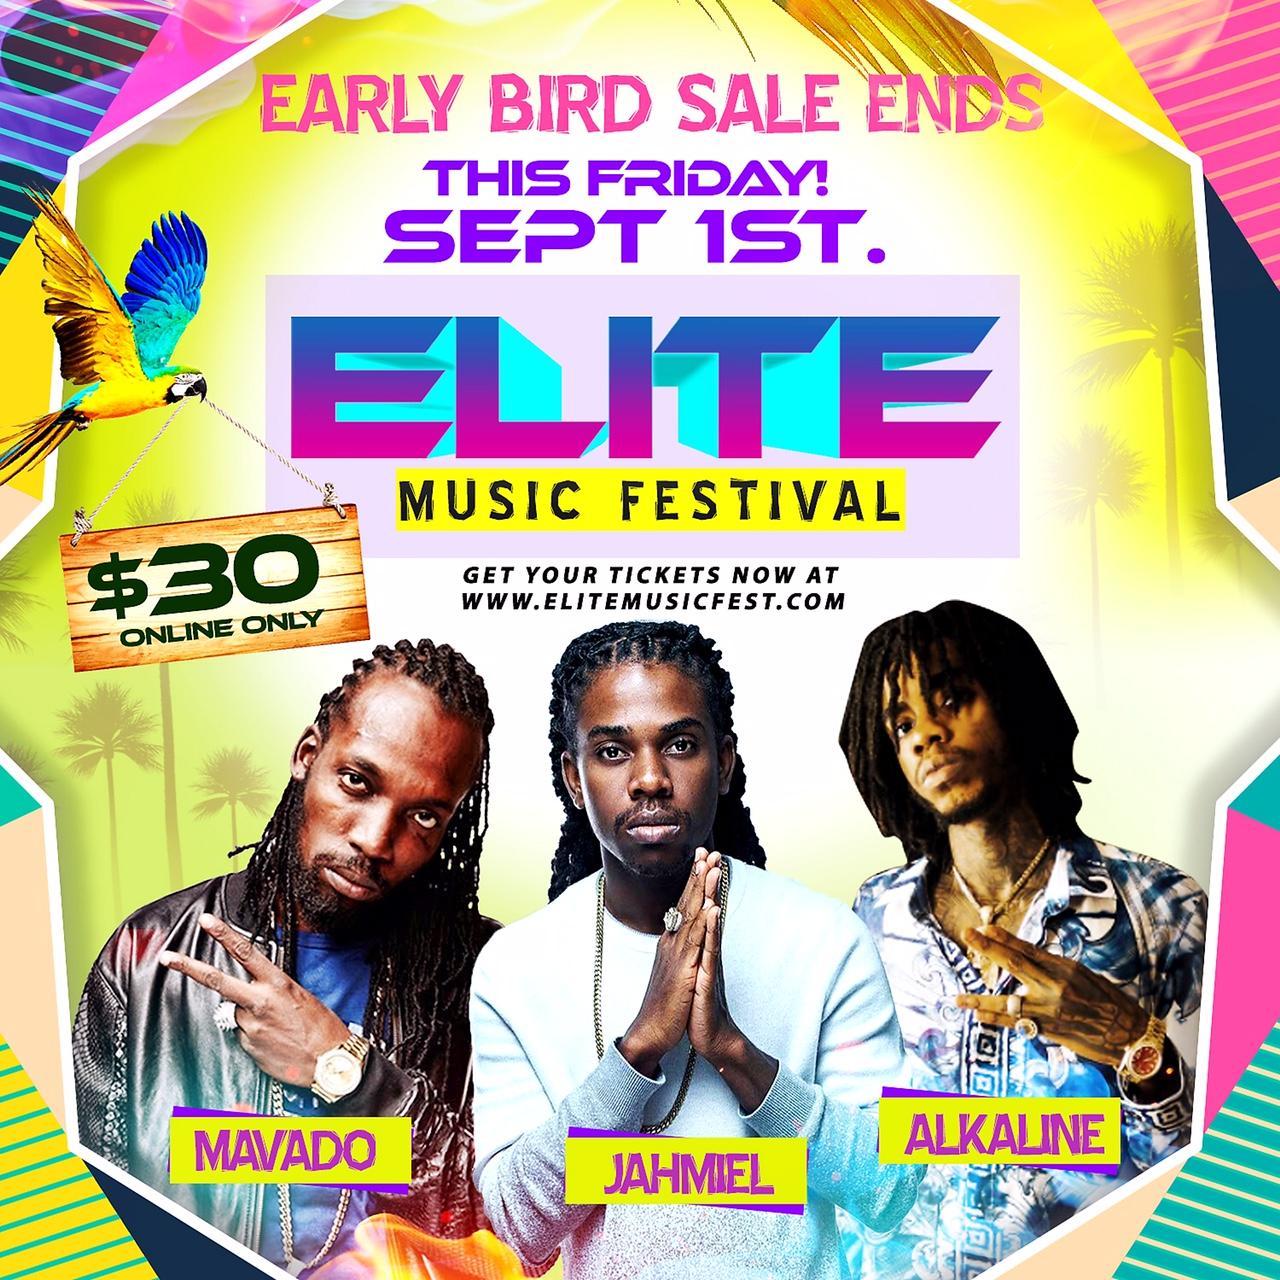 """Mavado & Alkaline """"Elite Music Festival"""" Sun, October 1st @ Central Broward Regional Park & Stadium!"""